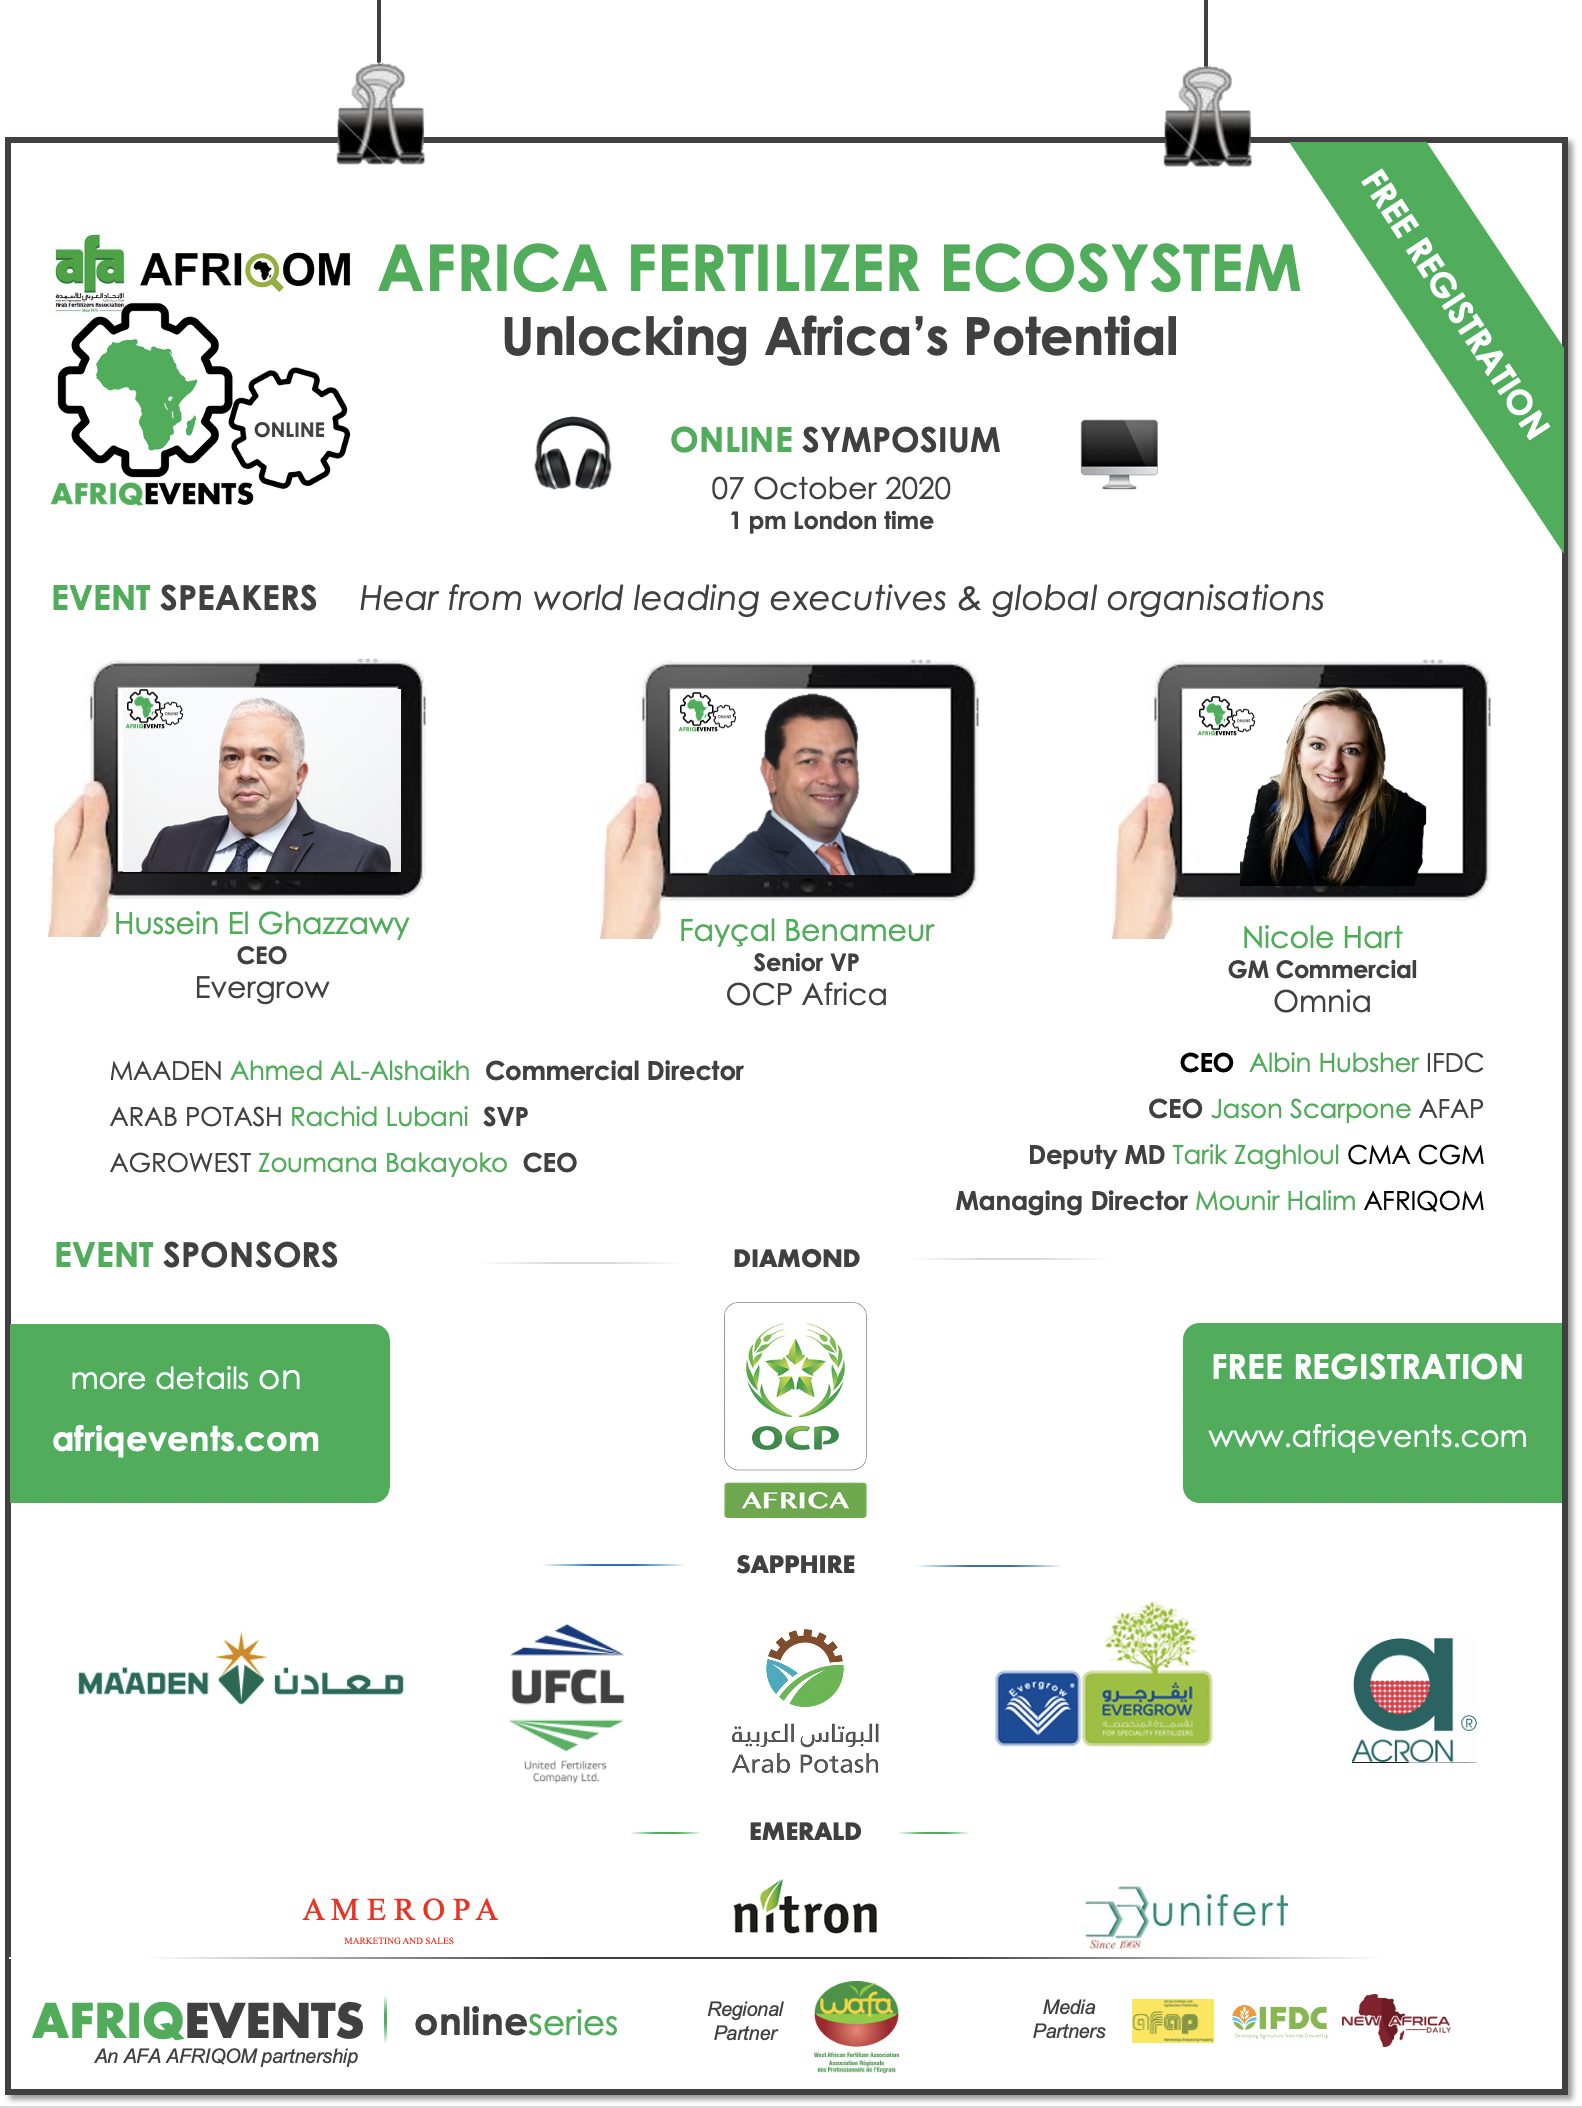 Afriqom online symposium